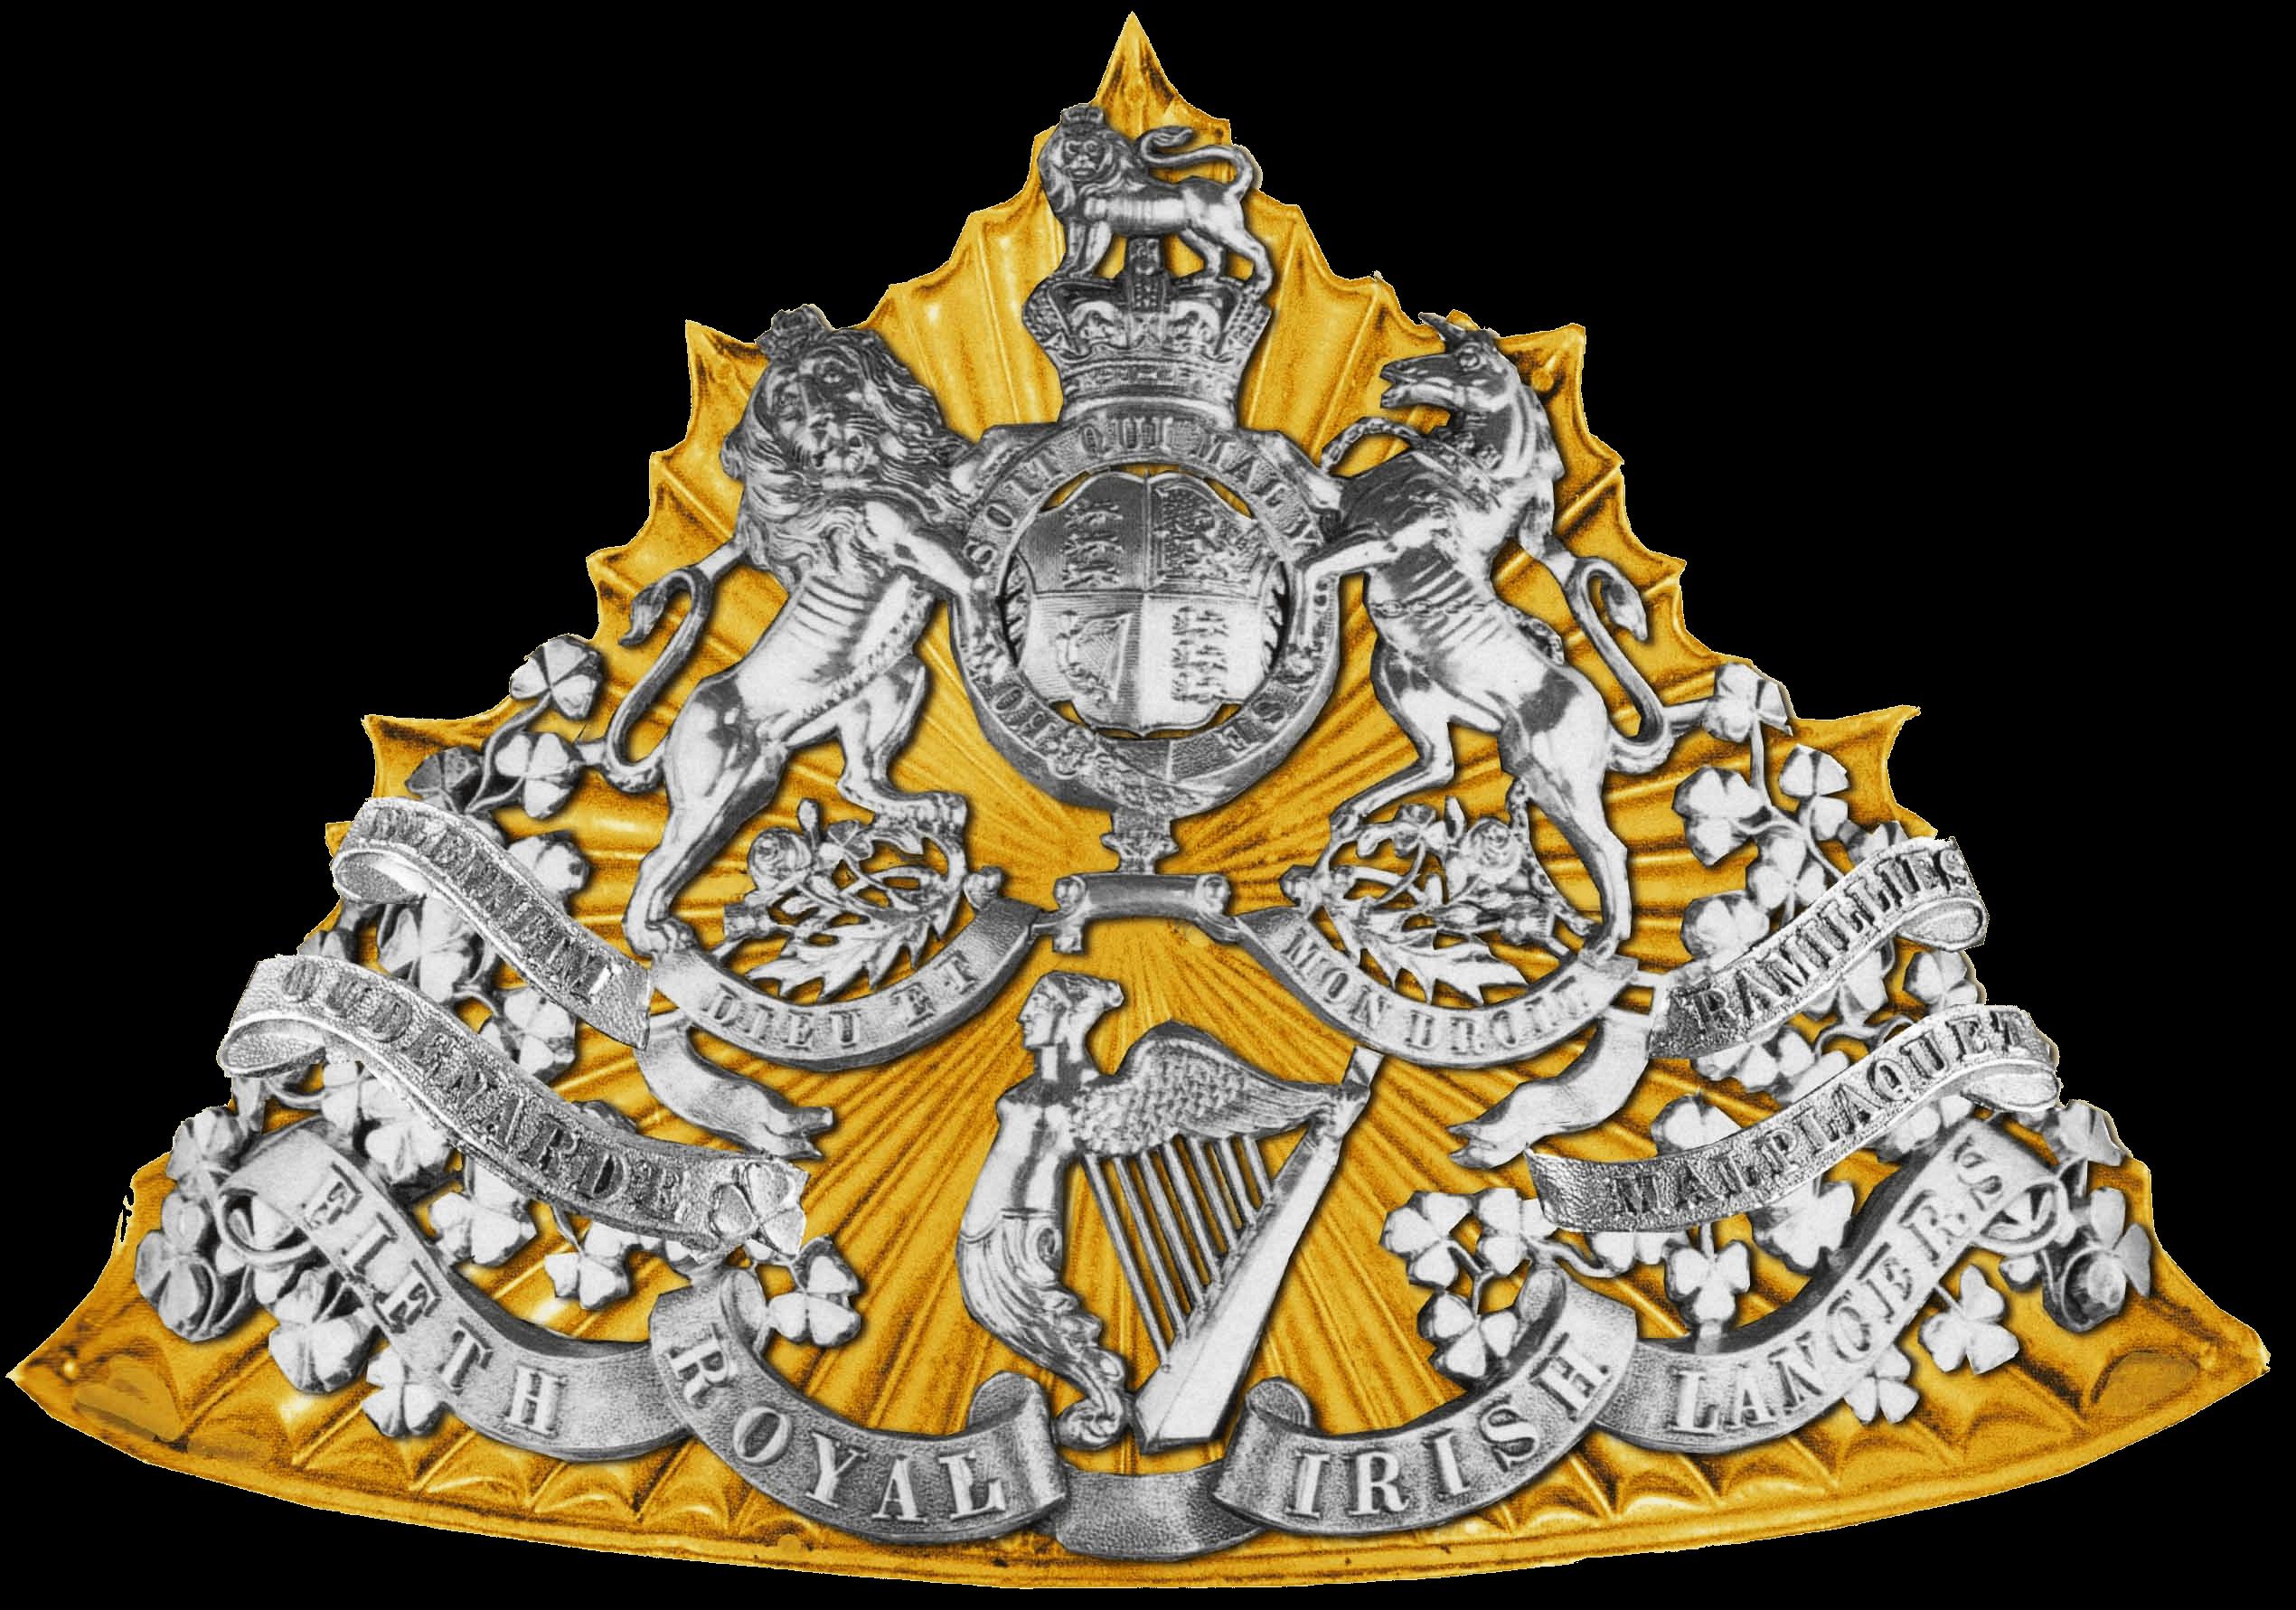 Лицевая накладка на уланскую шапку 5 уланского полка, 1881 – 1902 годы.